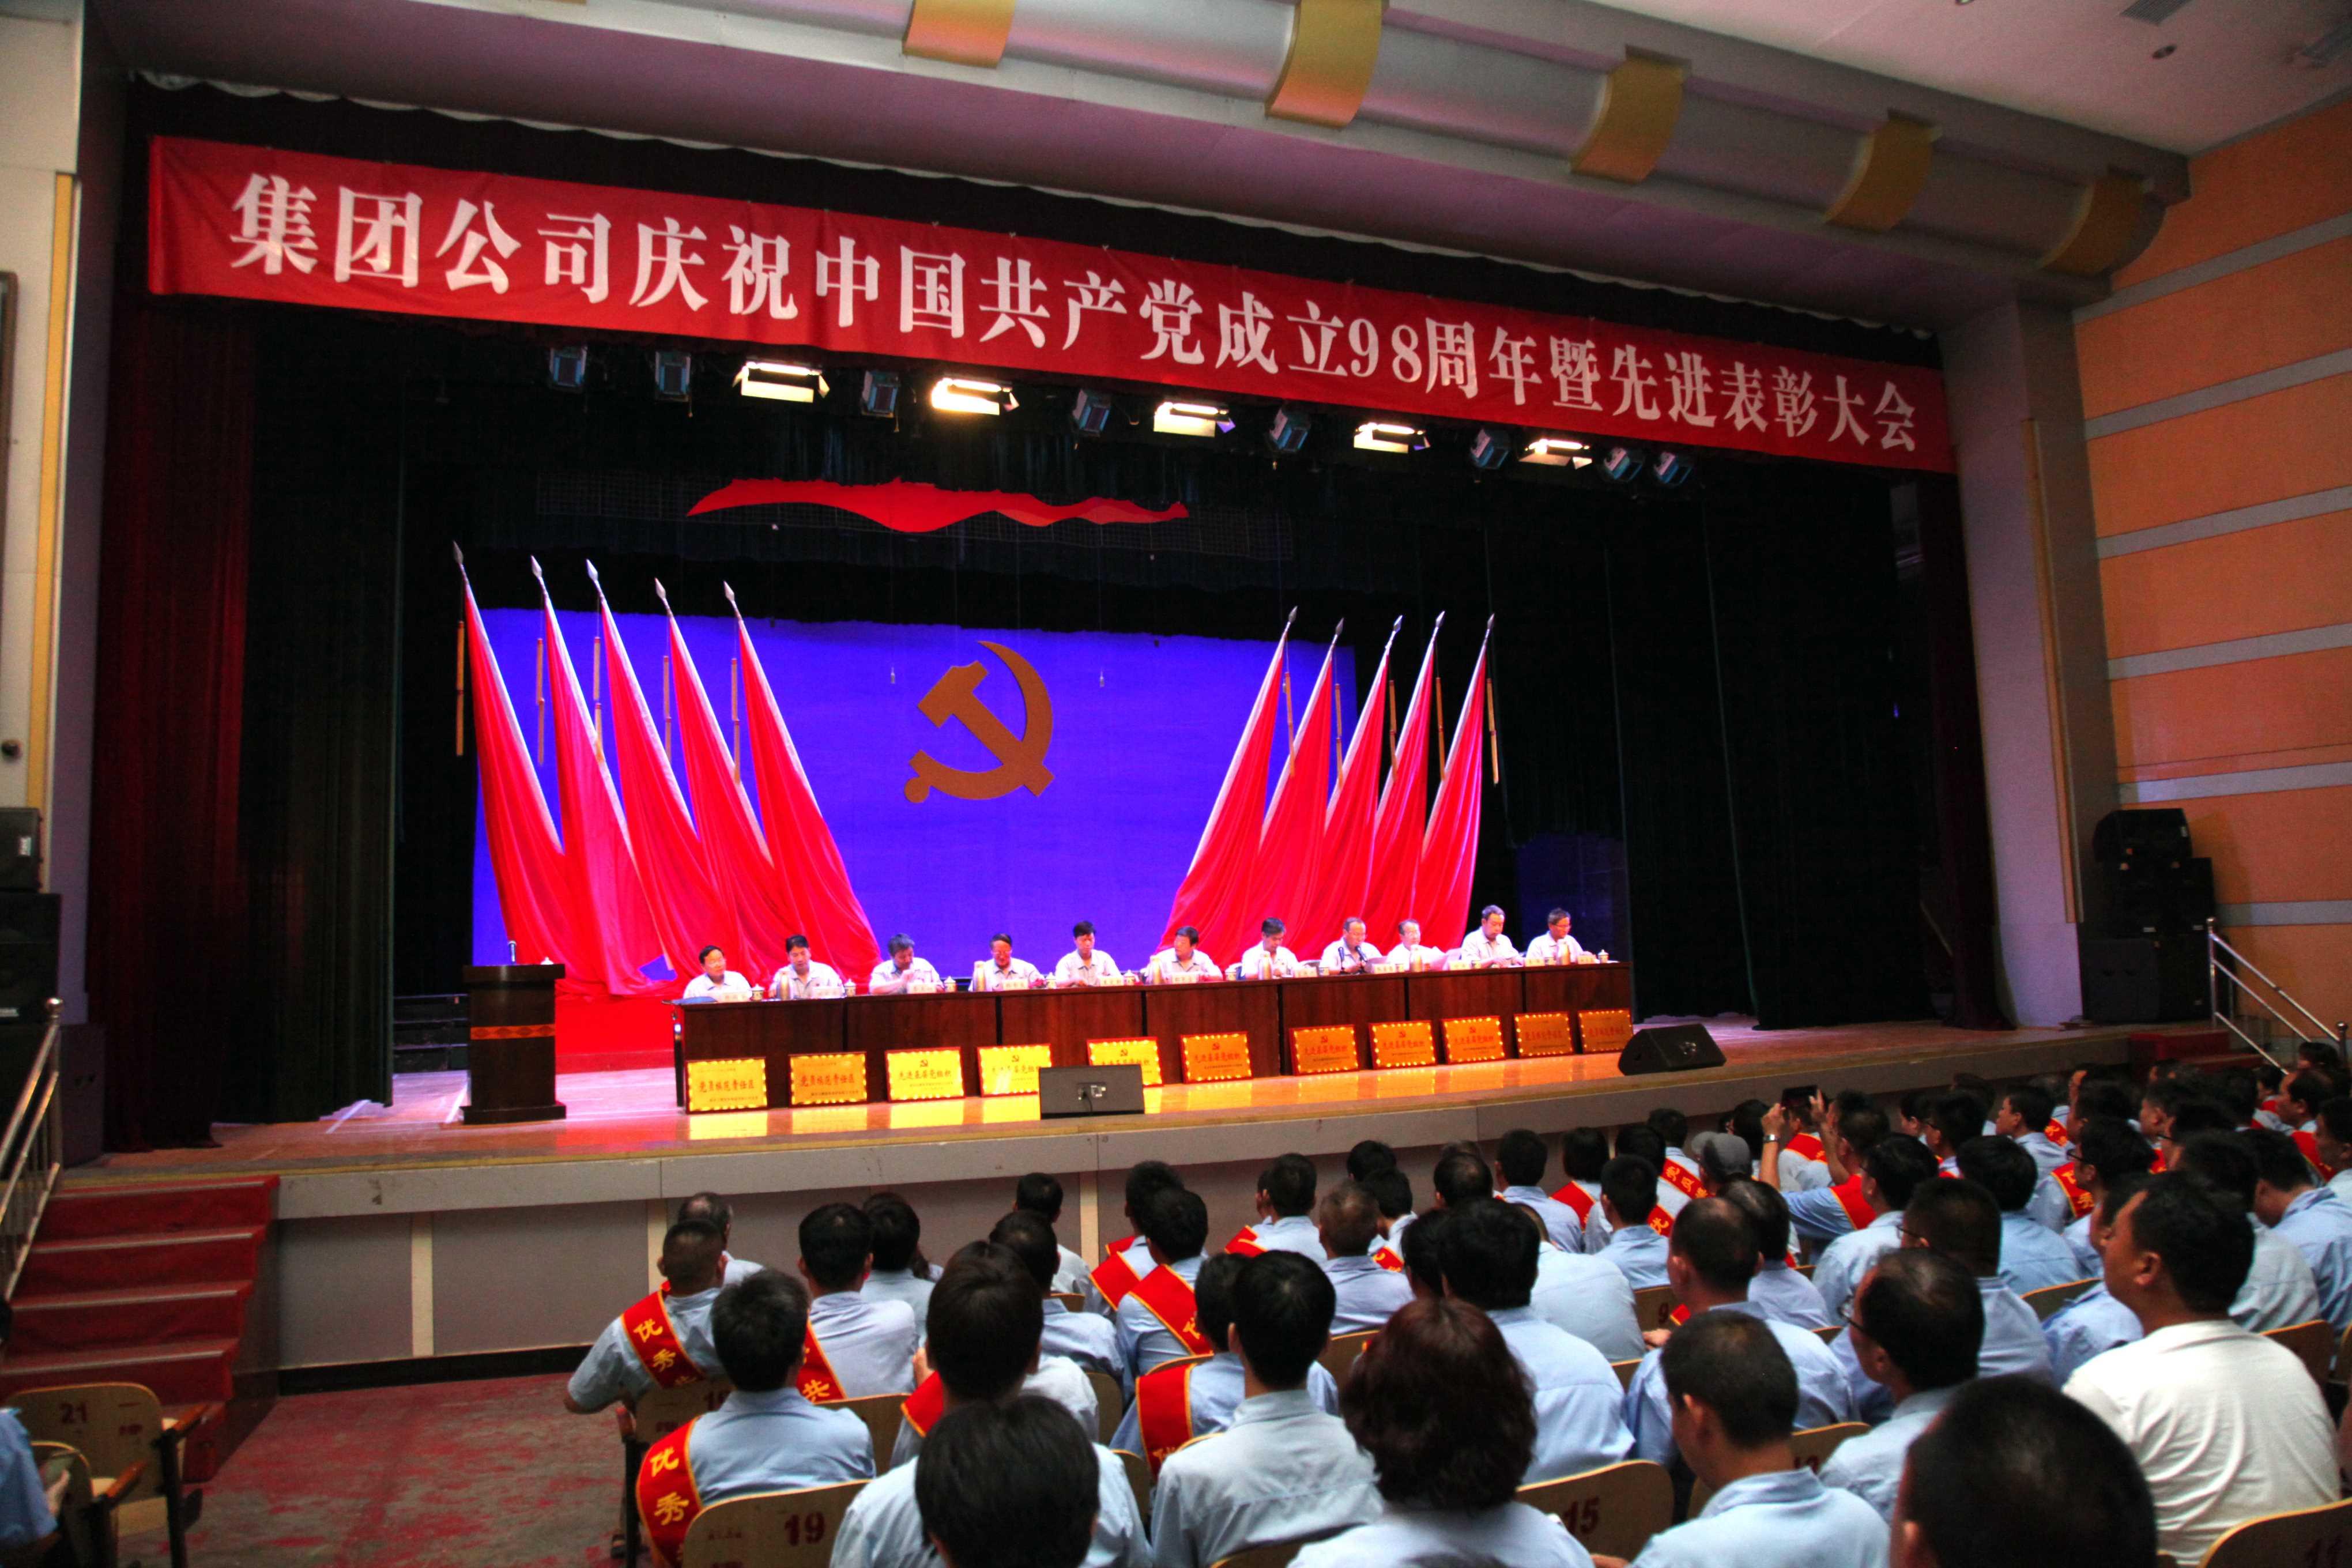 公司黨委召開慶祝中國共產黨成立九十八周年暨先進表彰大會